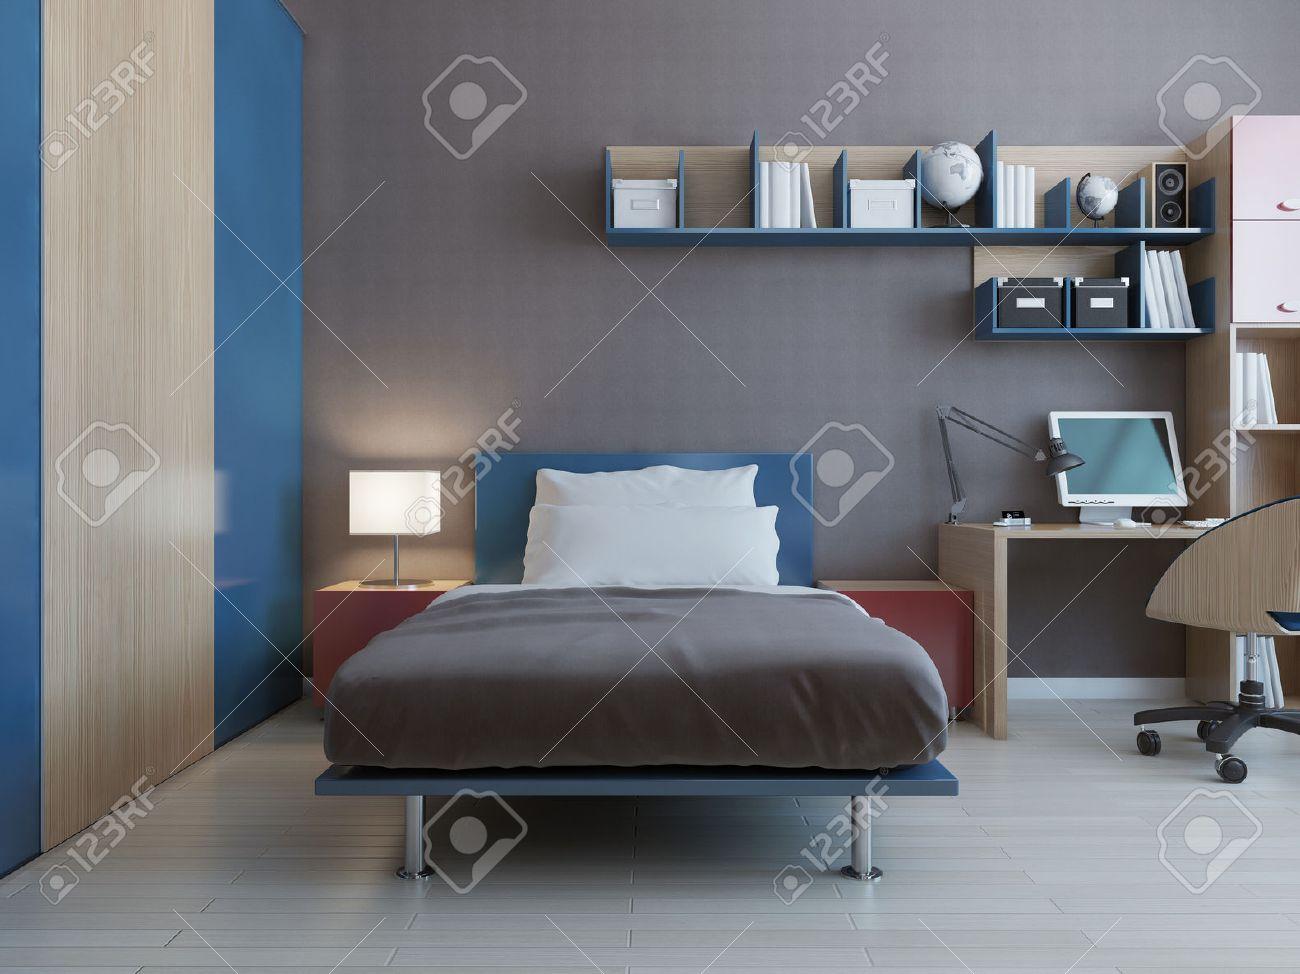 Tonåring sovrum inredning med blå och röd inredning och grå väggar ...